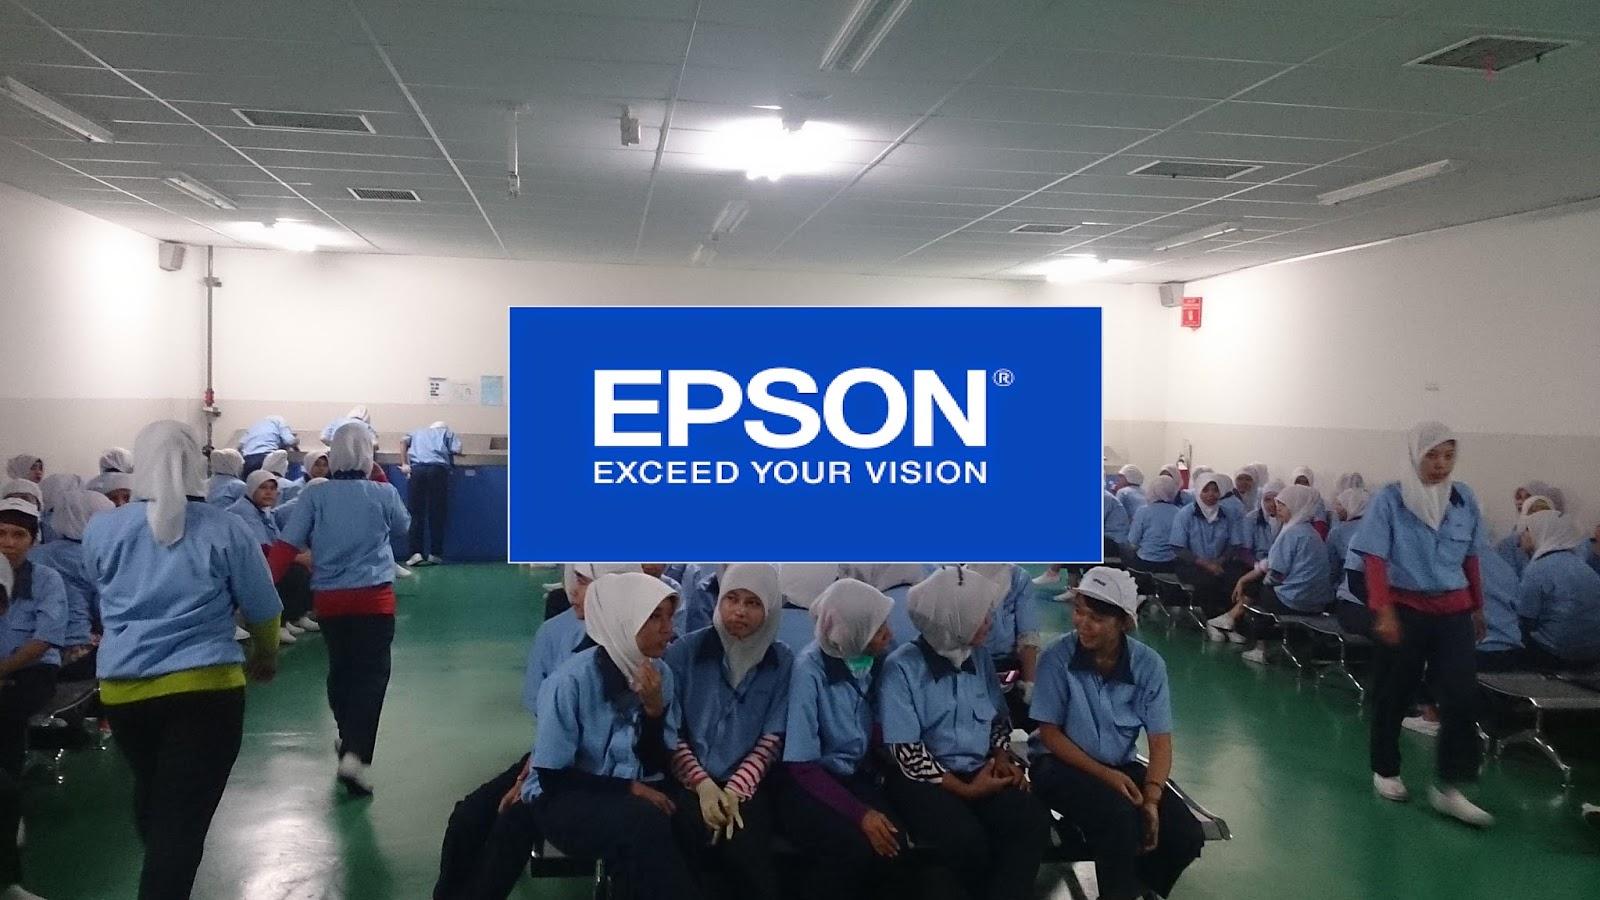 Lowongan Kerja Terbaru PT.Epson Industry untuk lulusan SMA/K Sederajat